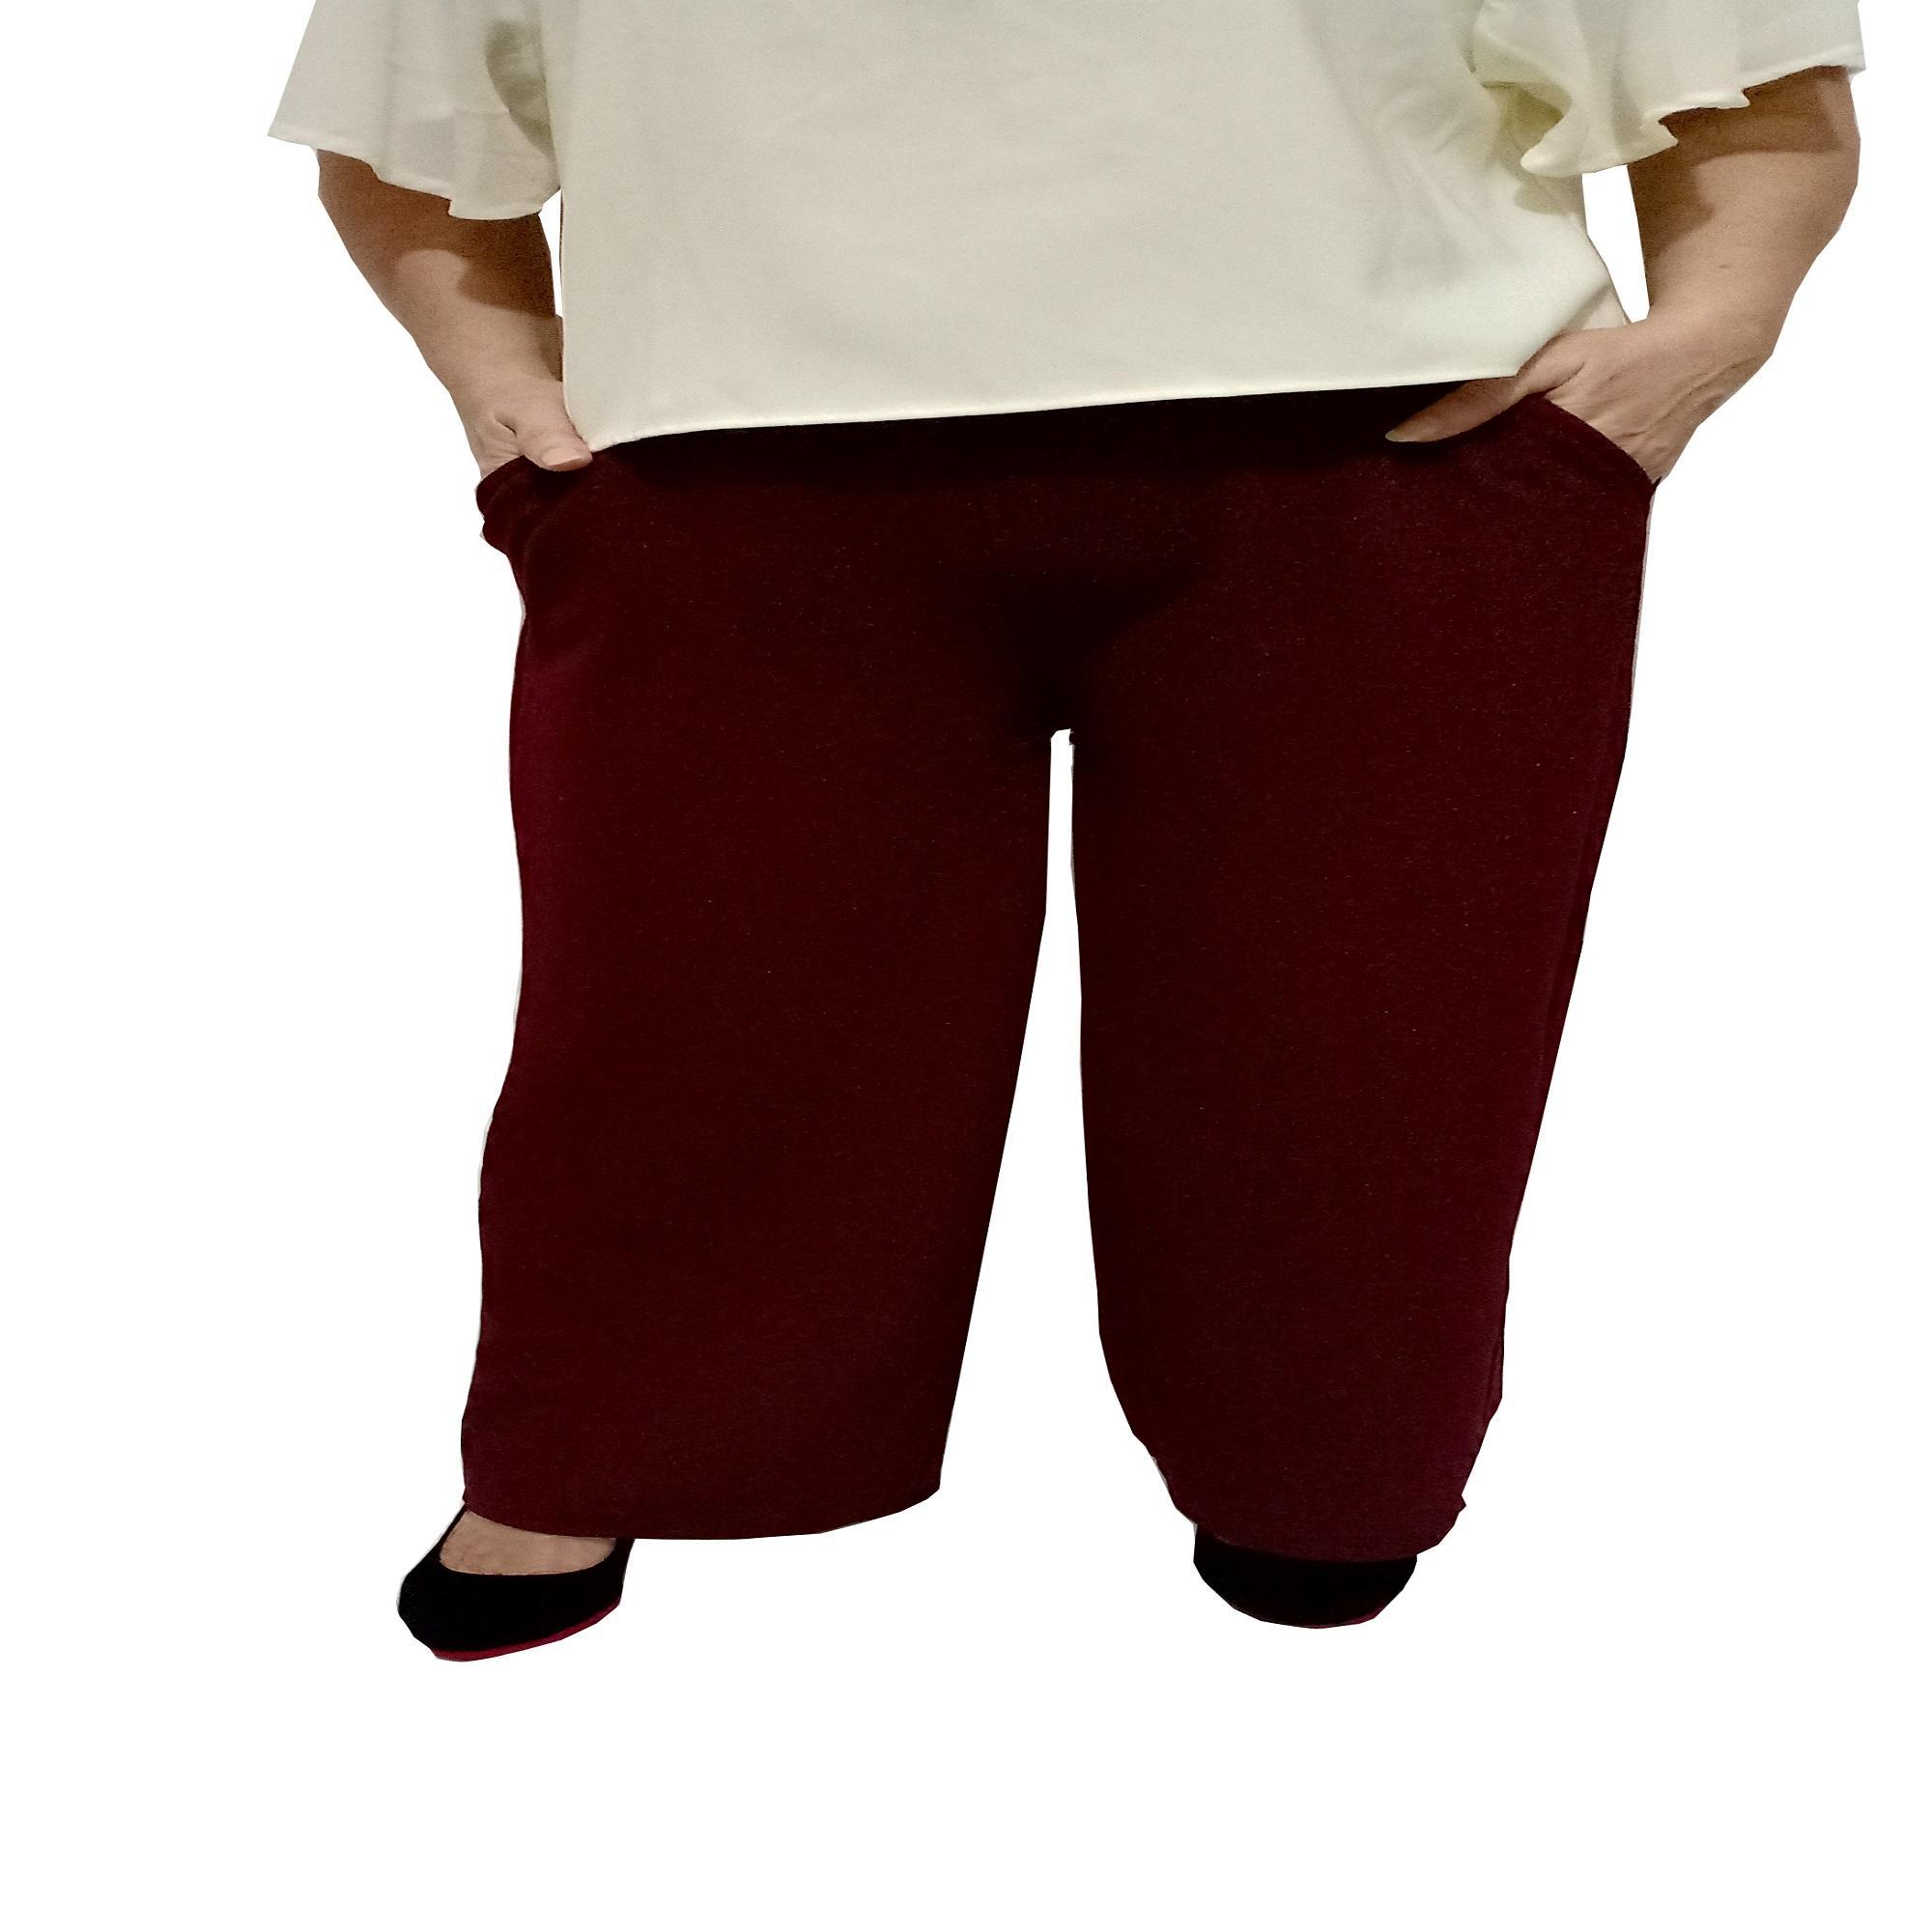 Ace Fashion Axel Cullote Pants Celana Kulot Wanita Pink Cek Harga Midi Nda Fjn822b Super Collection Long Cullotes Panjang Maroon